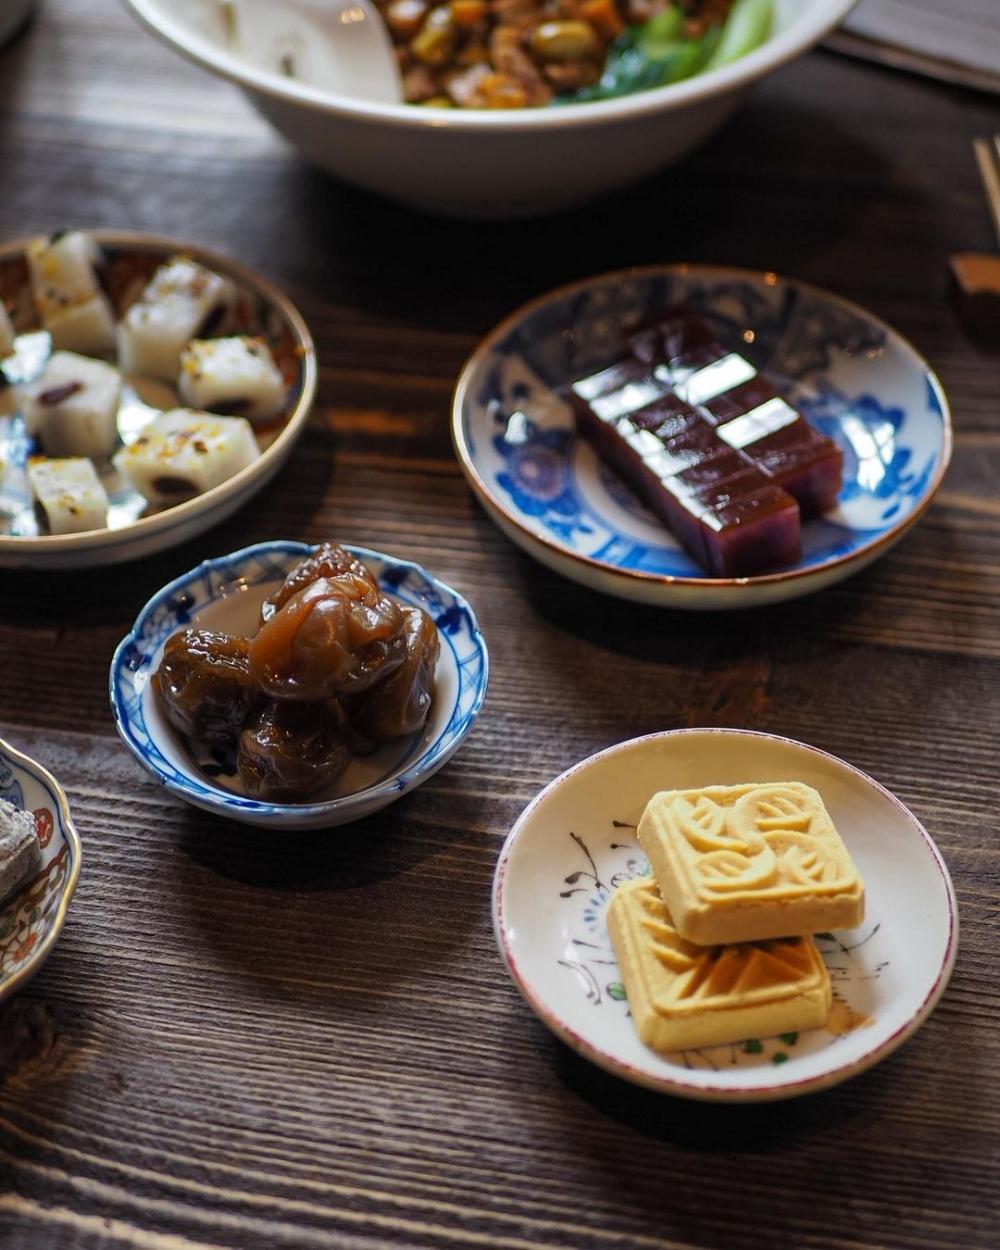 歷史感的糕點是小隱茶庵中的人氣招牌